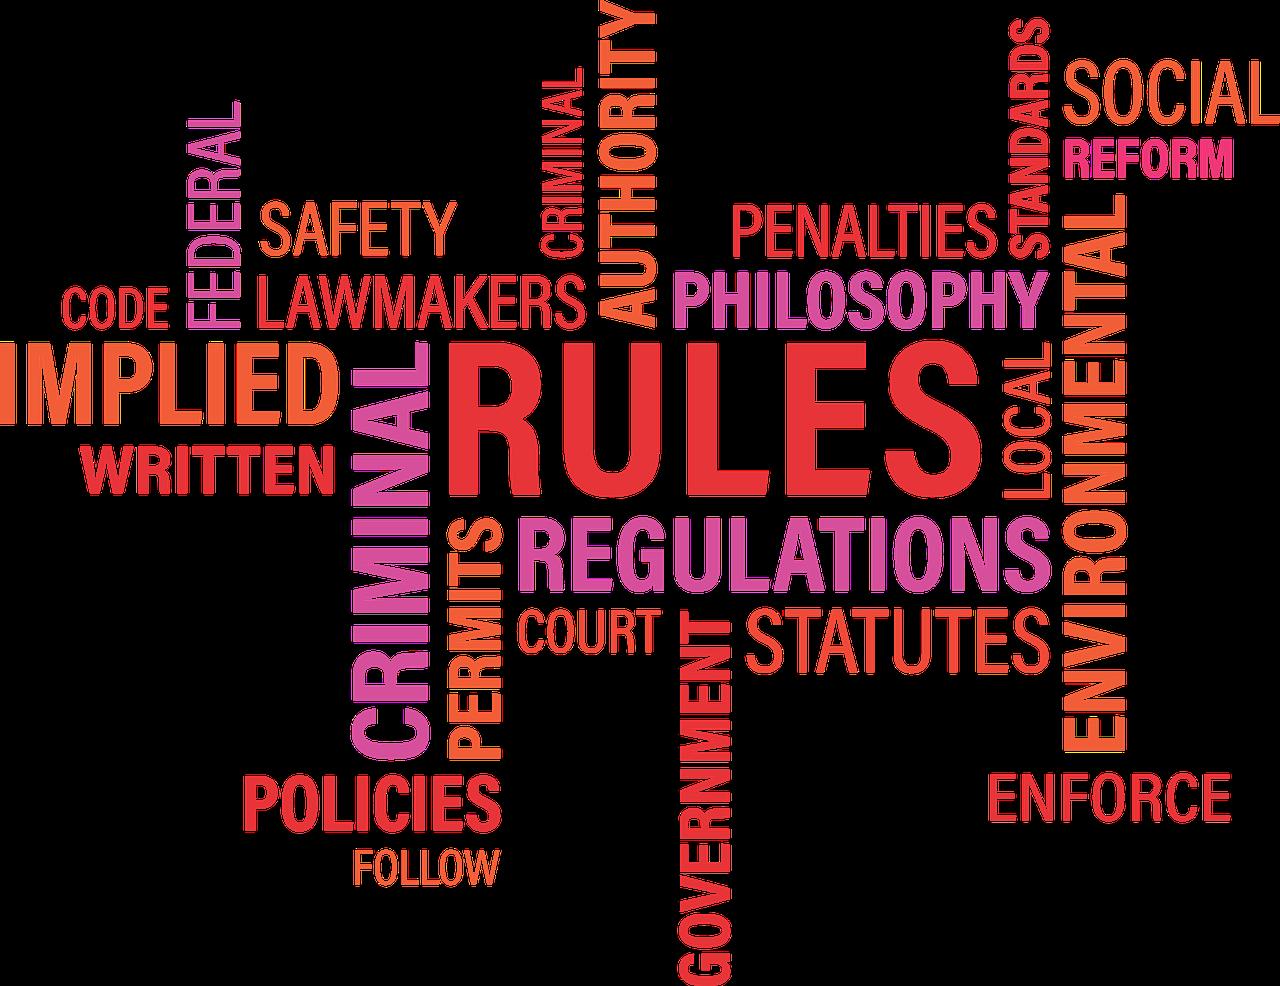 狂犬病予防法 と 罰金 罰則